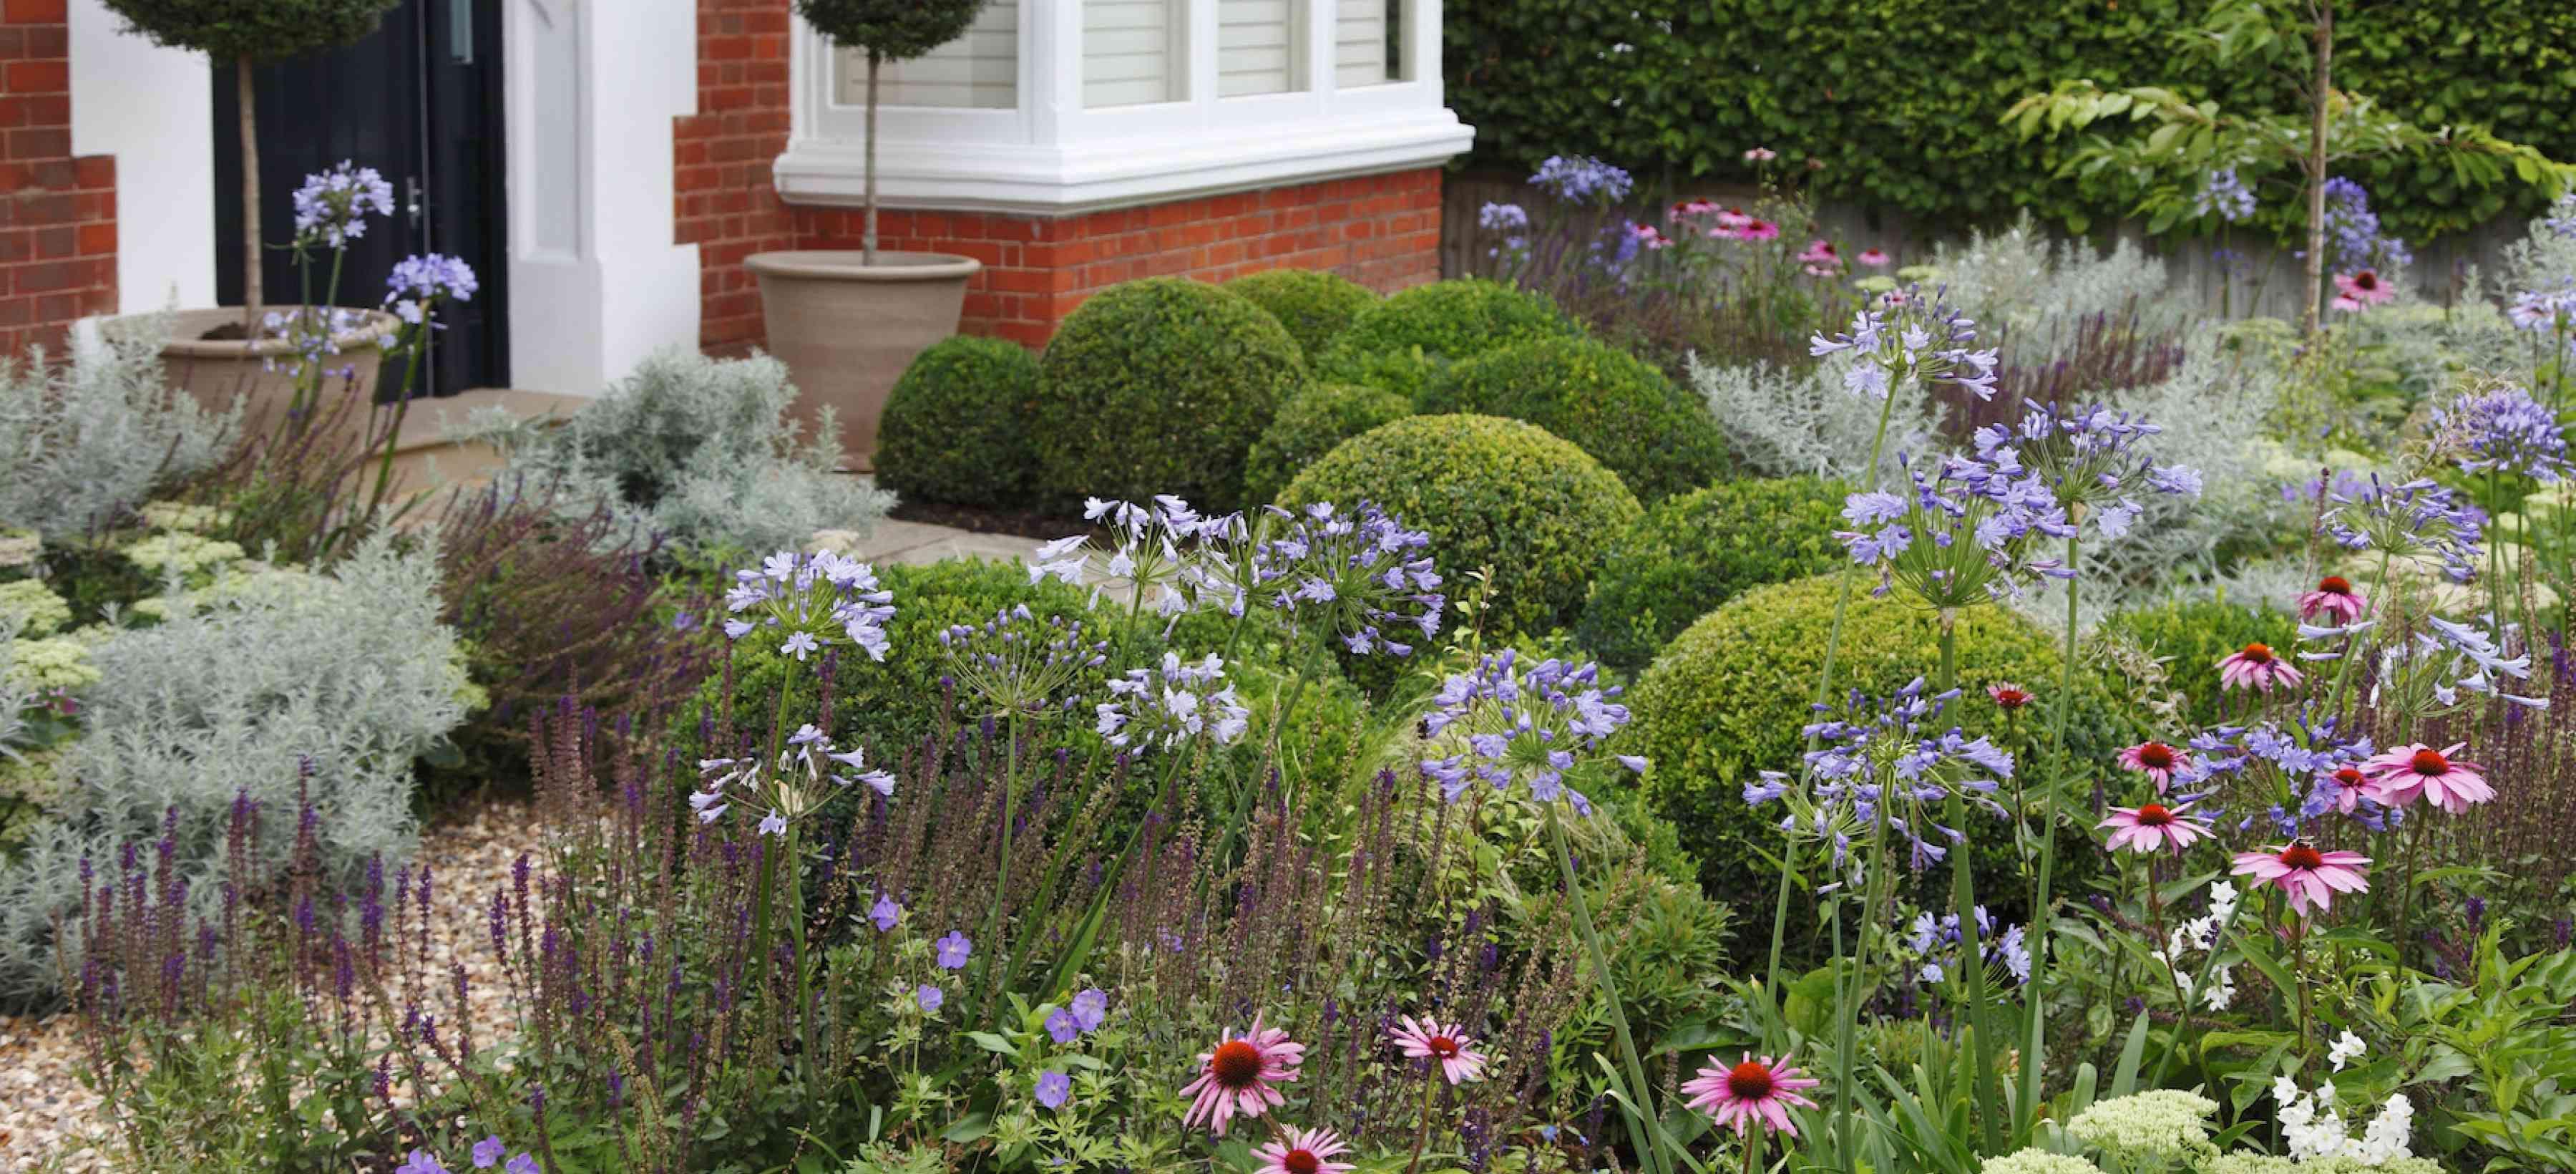 West Putney Flowering Front Garden - Belderbos | Front ...